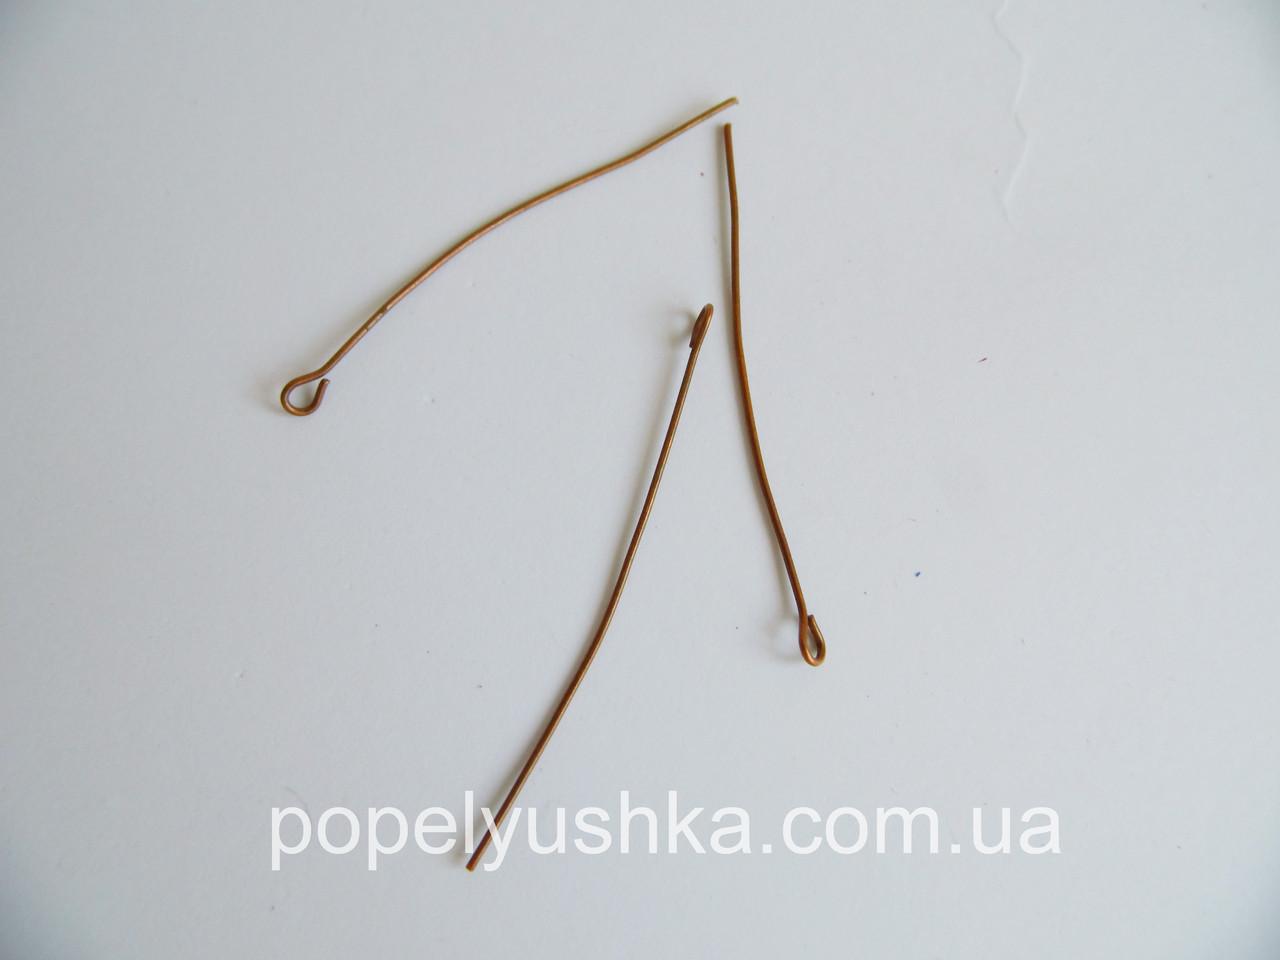 """Булавка для ожерелья с """"ушком"""" Медь 5 см (5 шт)"""